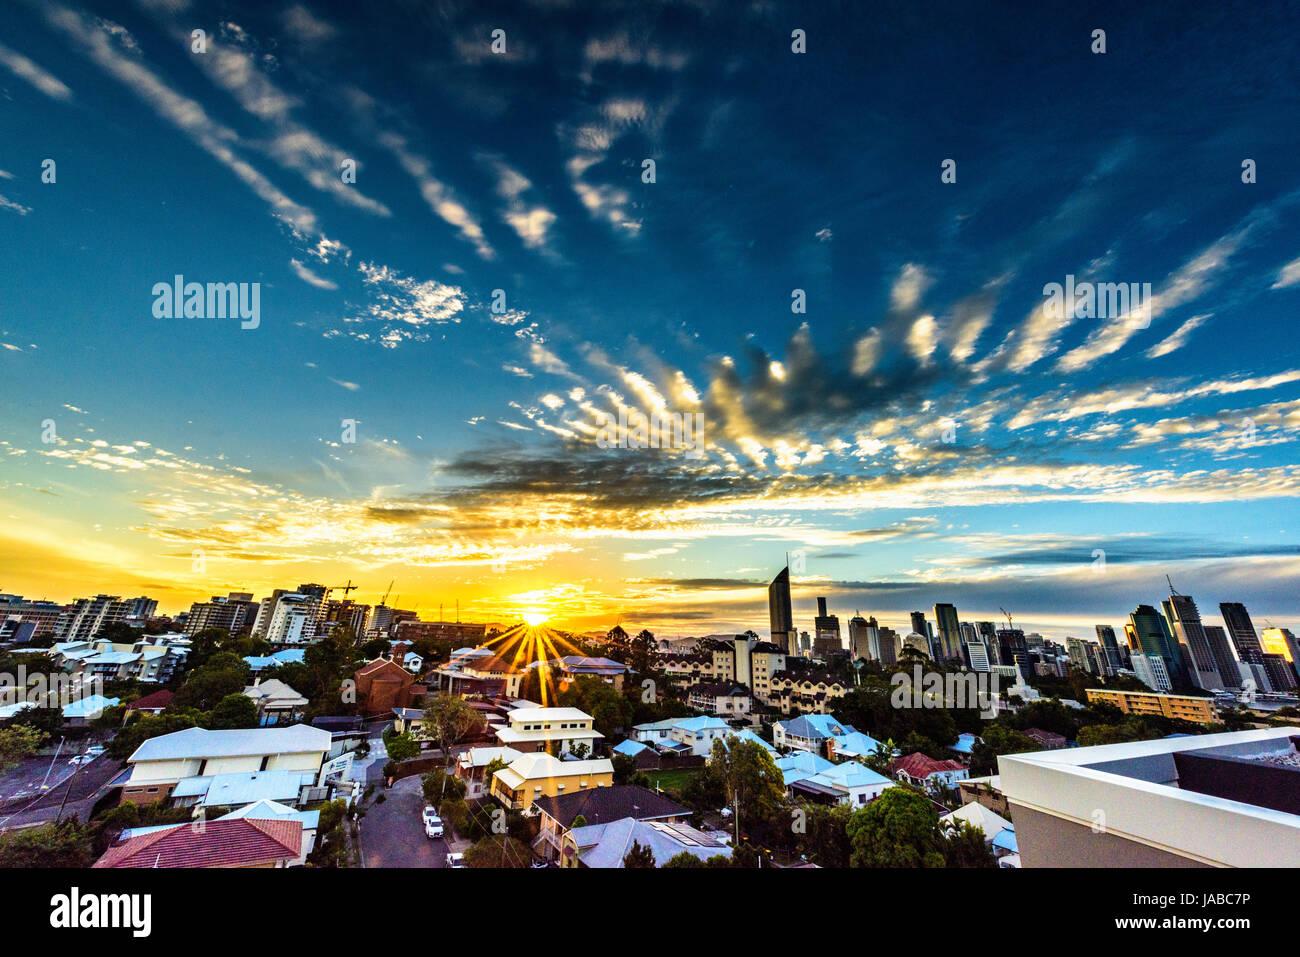 Brisbane City skyline at sunset - Stock Image